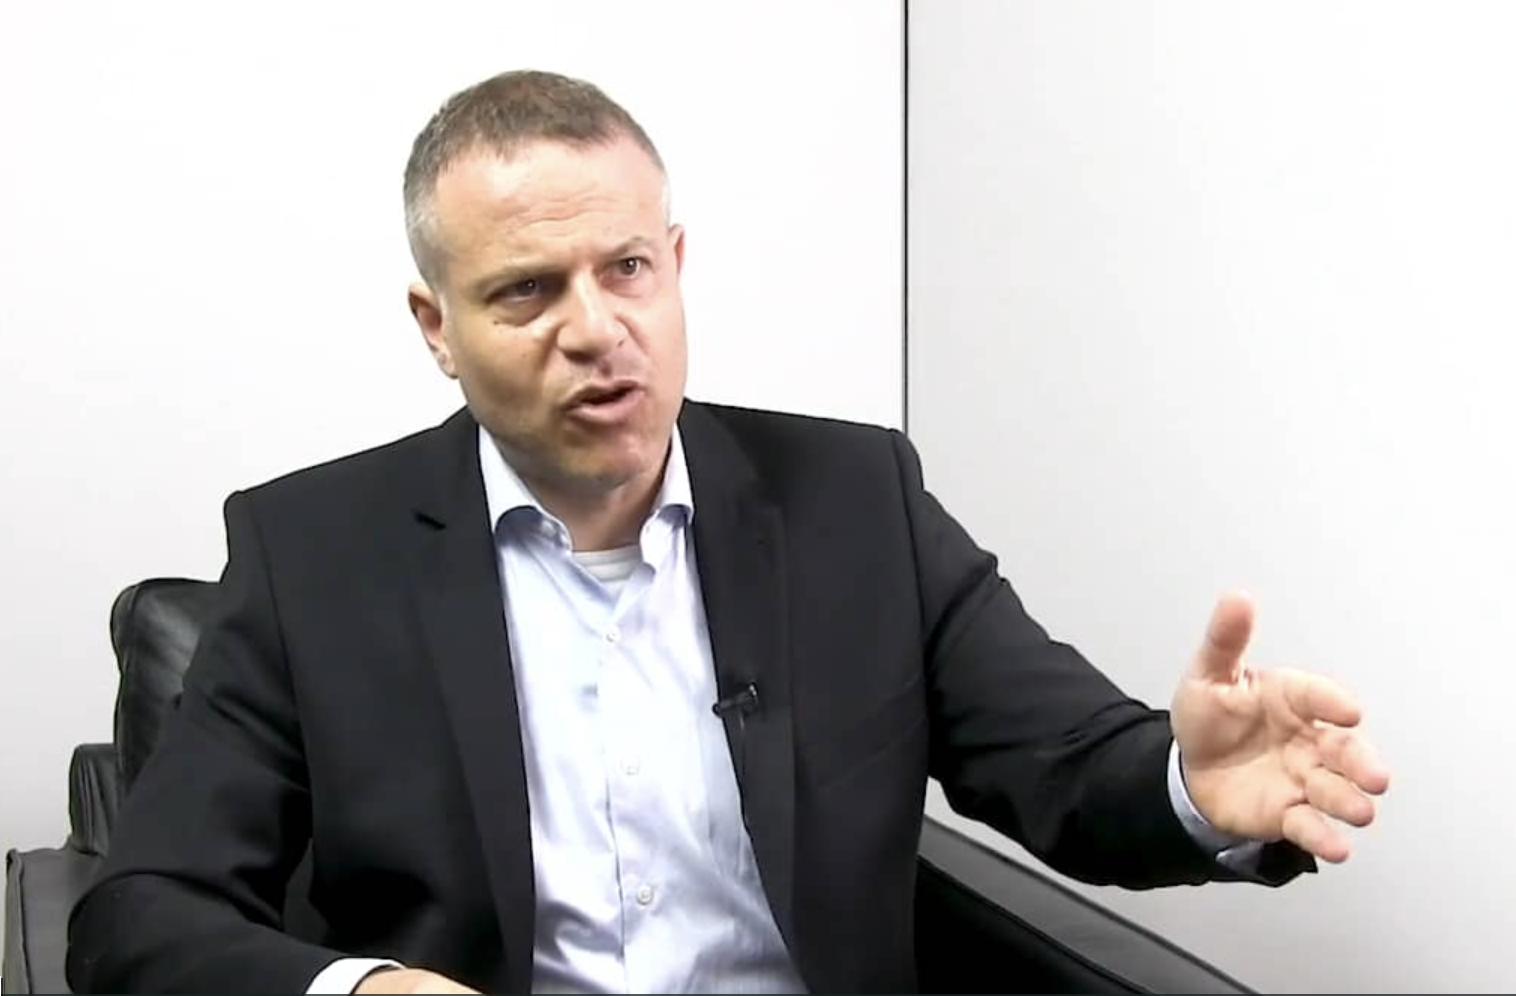 Együtt's Péter Juhász accuses Fidesz of electoral fraud